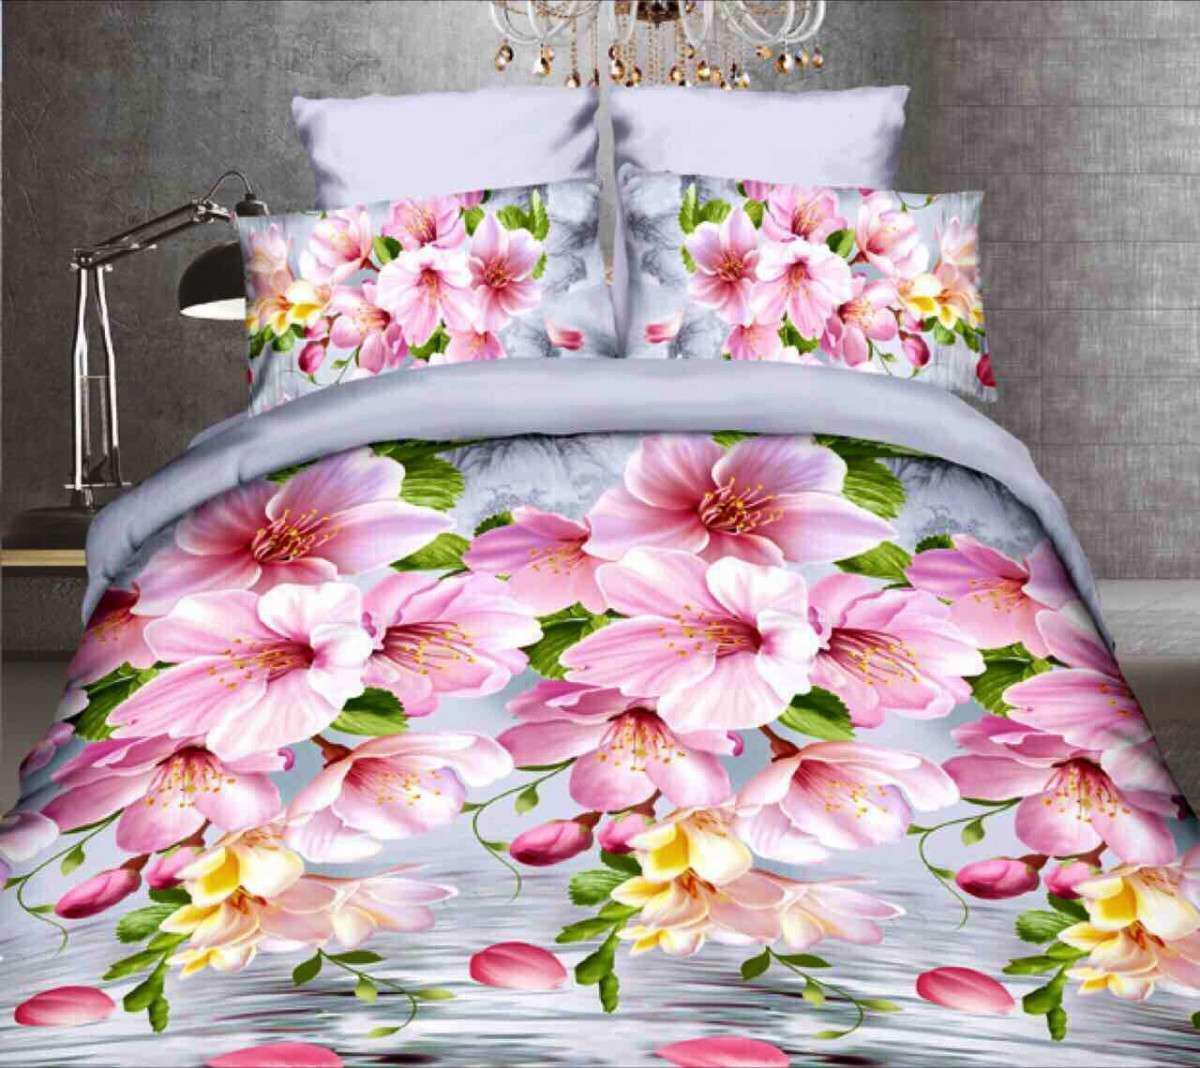 Комплект постельного белья от украинского производителя Polycotton Двуспальный T-90927